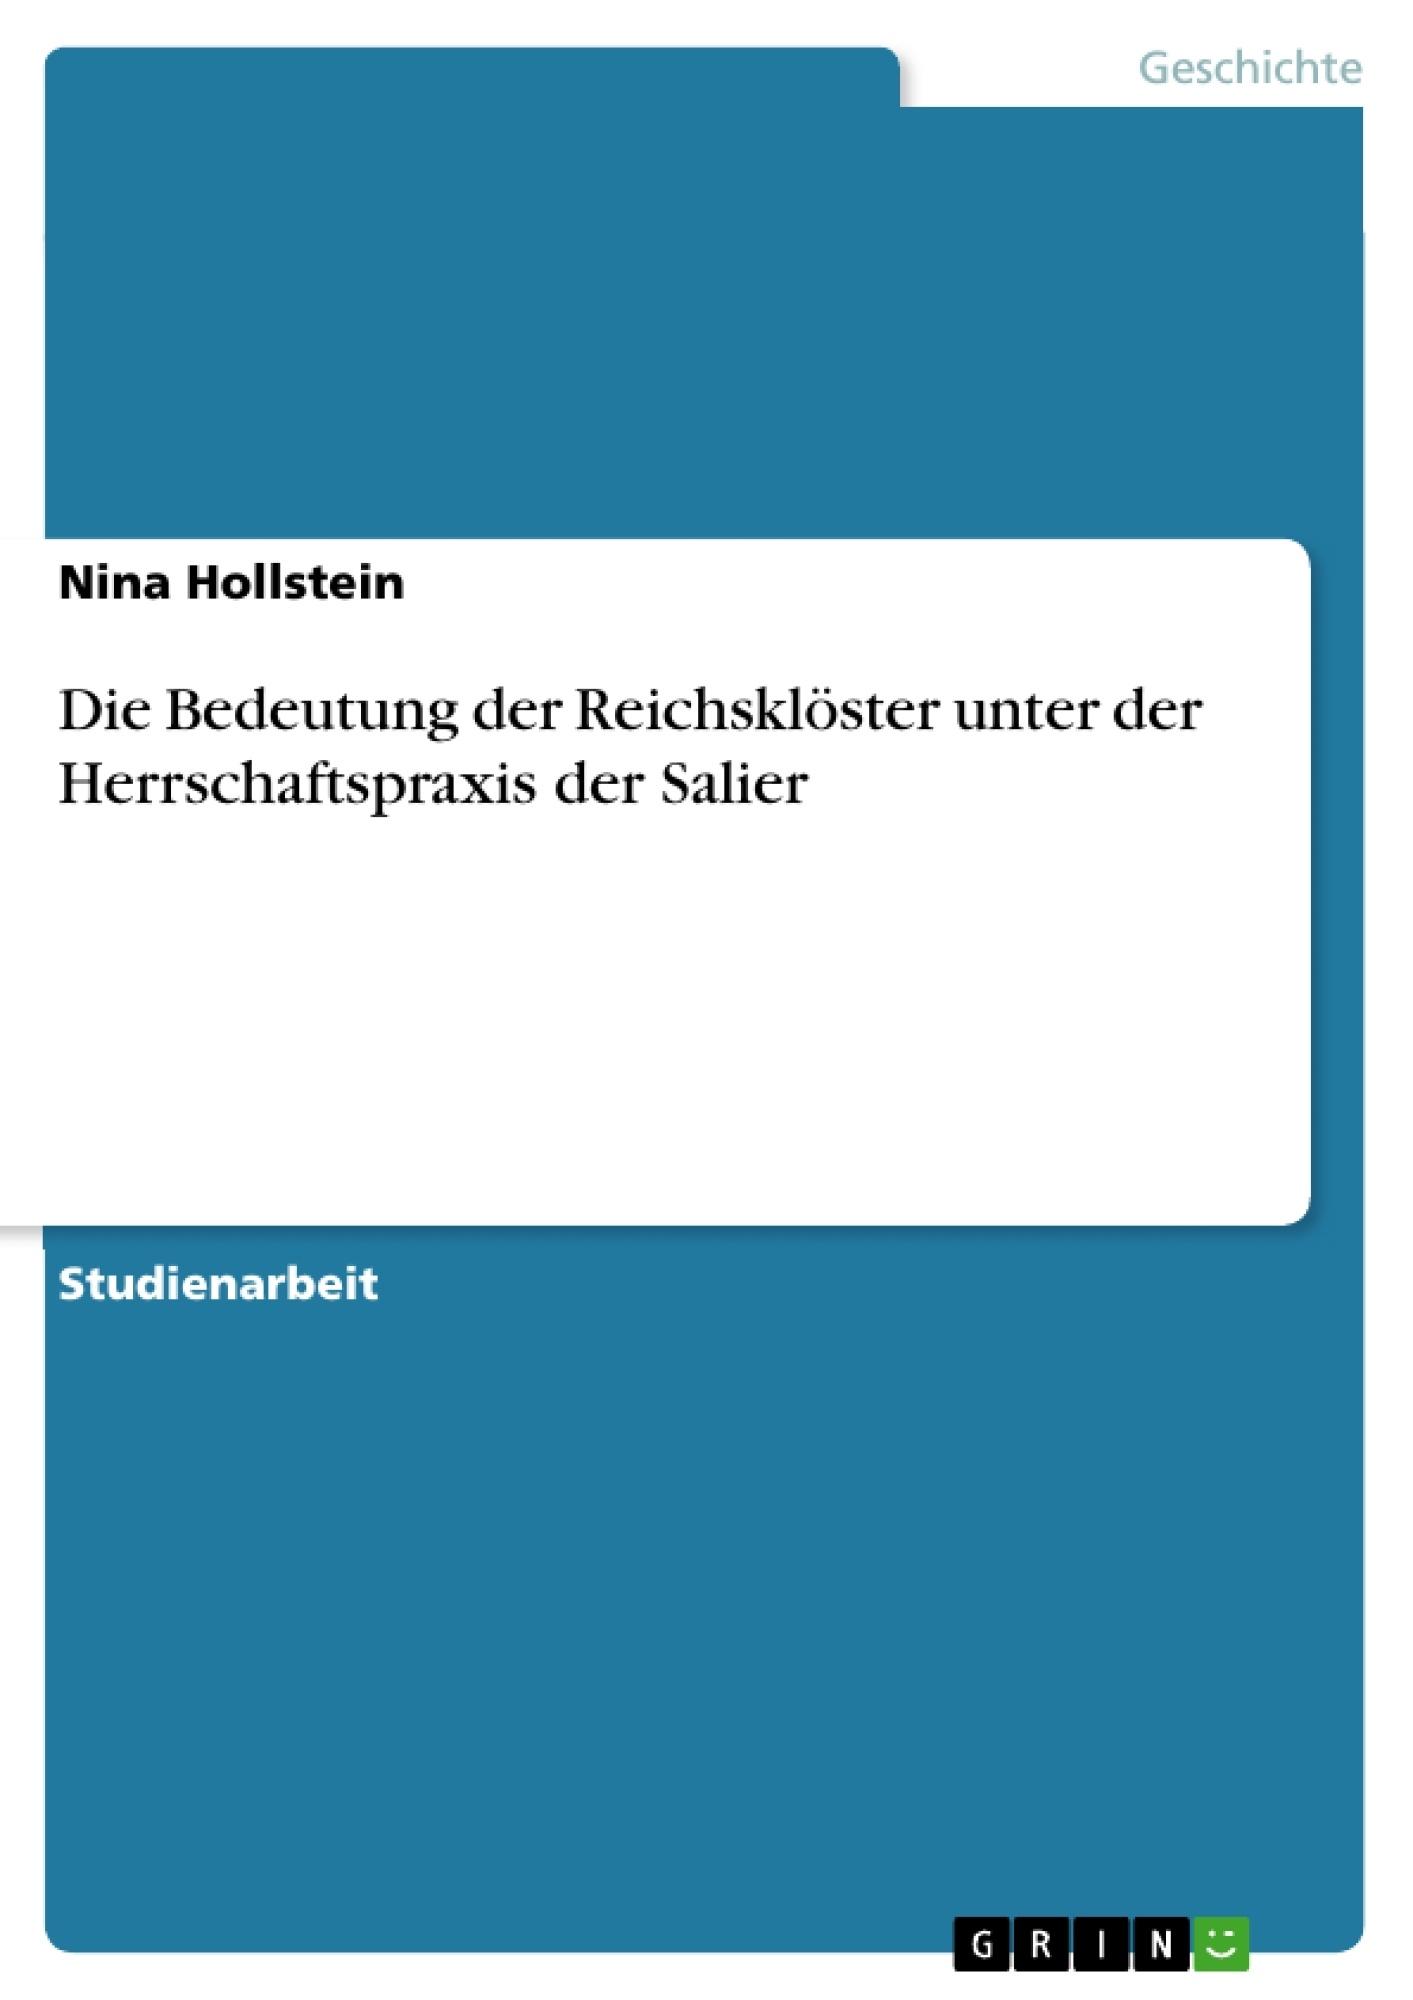 Titel: Die Bedeutung der Reichsklöster unter der Herrschaftspraxis der Salier